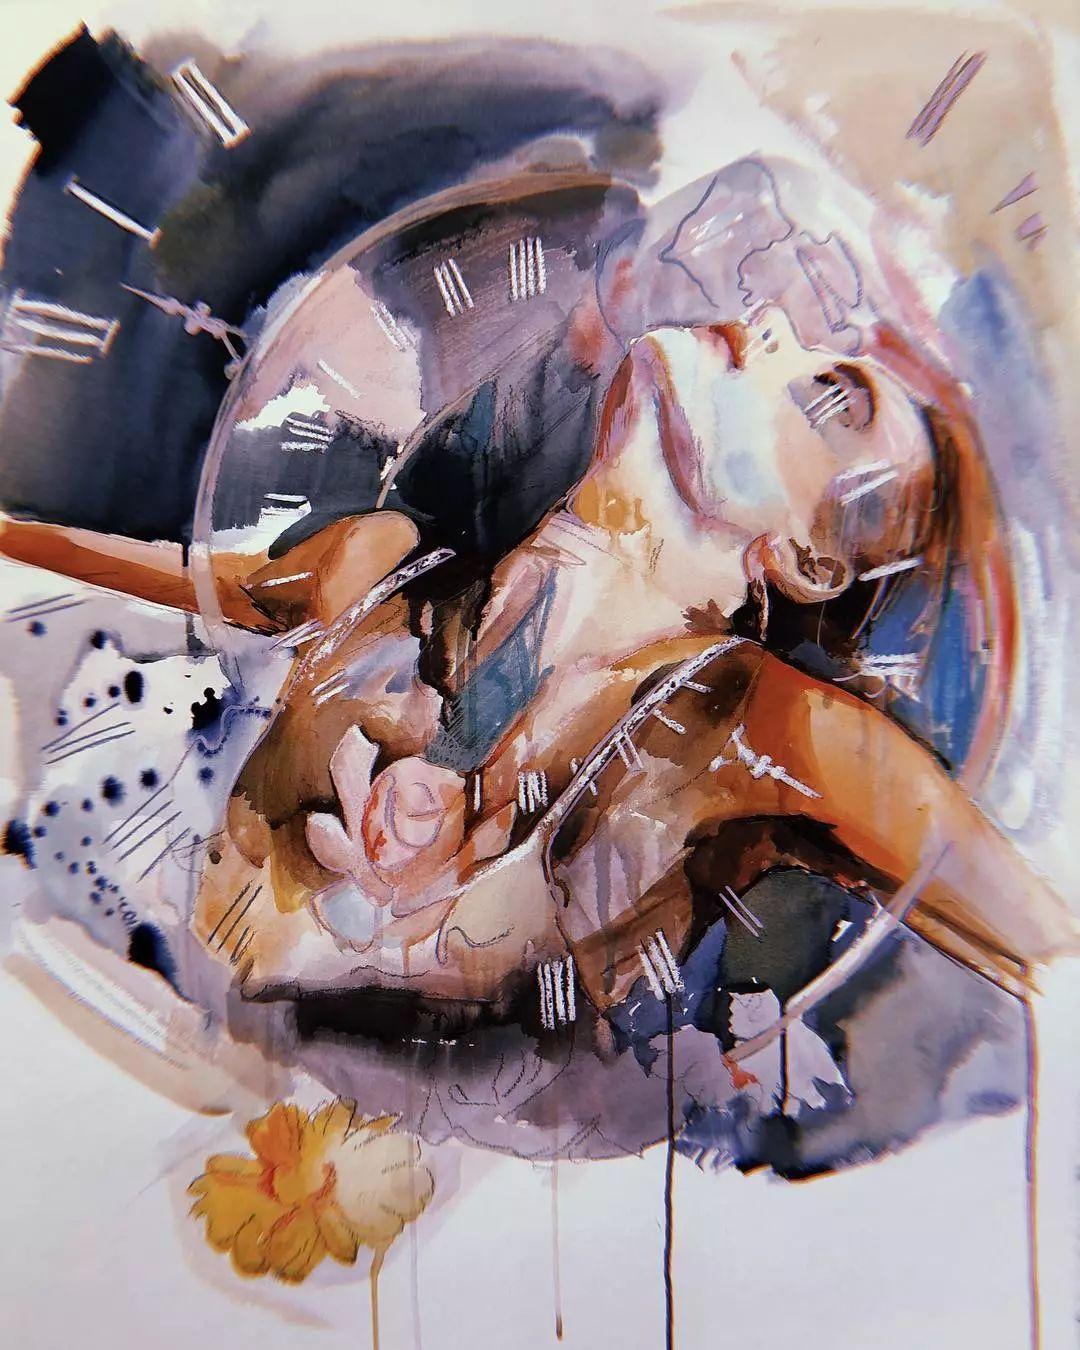 12岁开始画画 16岁就卖画赚100万——希腊小画家Dimitra Milan插图11